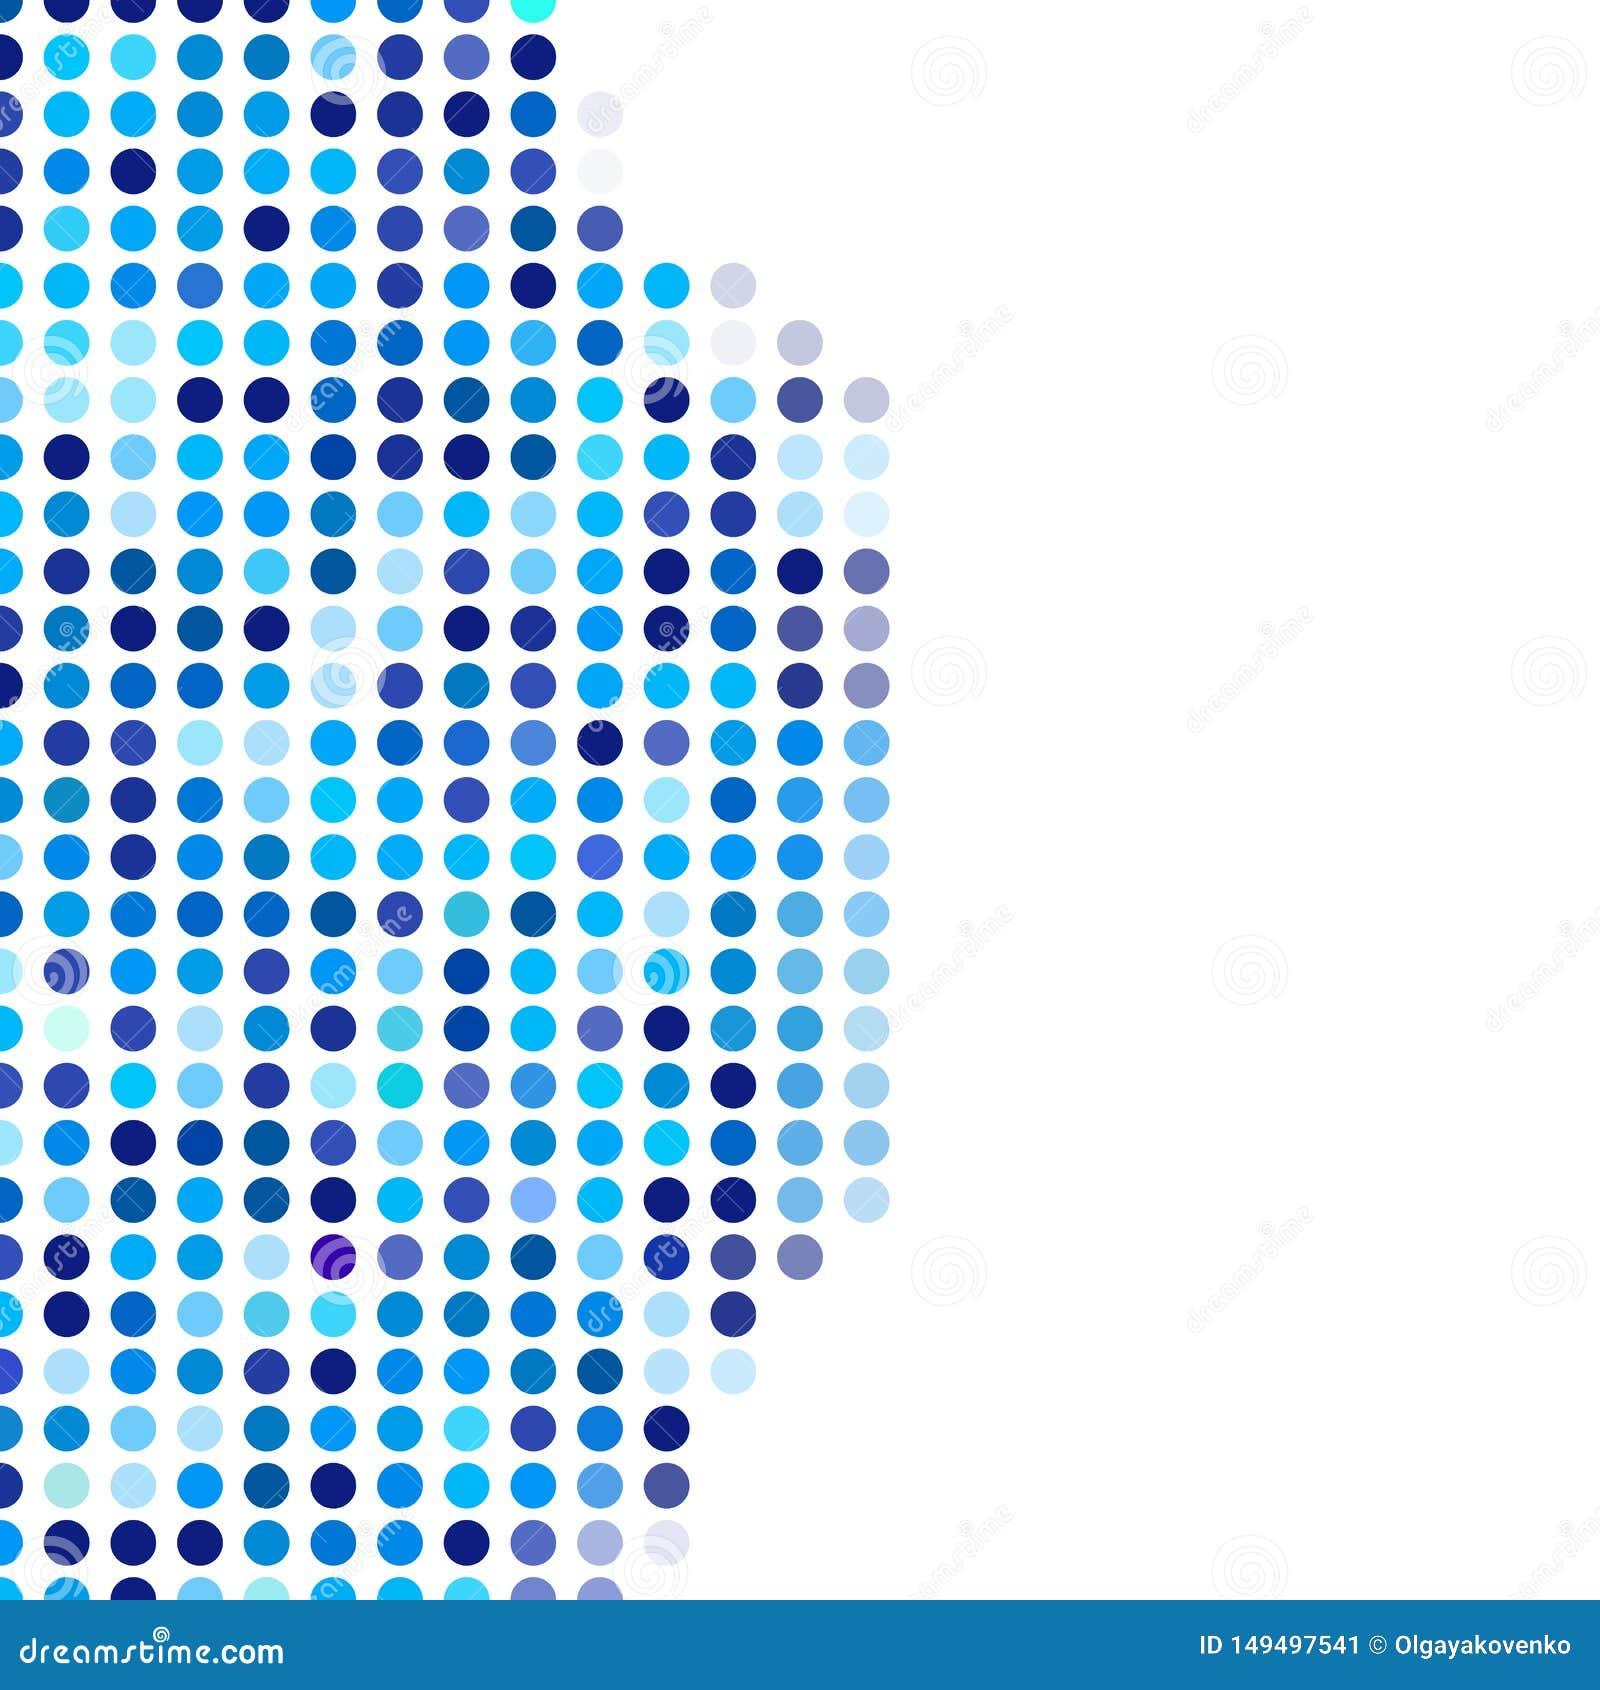 Mozaïek willekeurige donkere en lichtblauwe cirkels als achtergrond, vectorpatroon van stippen, neutraal veelzijdig patroon voor